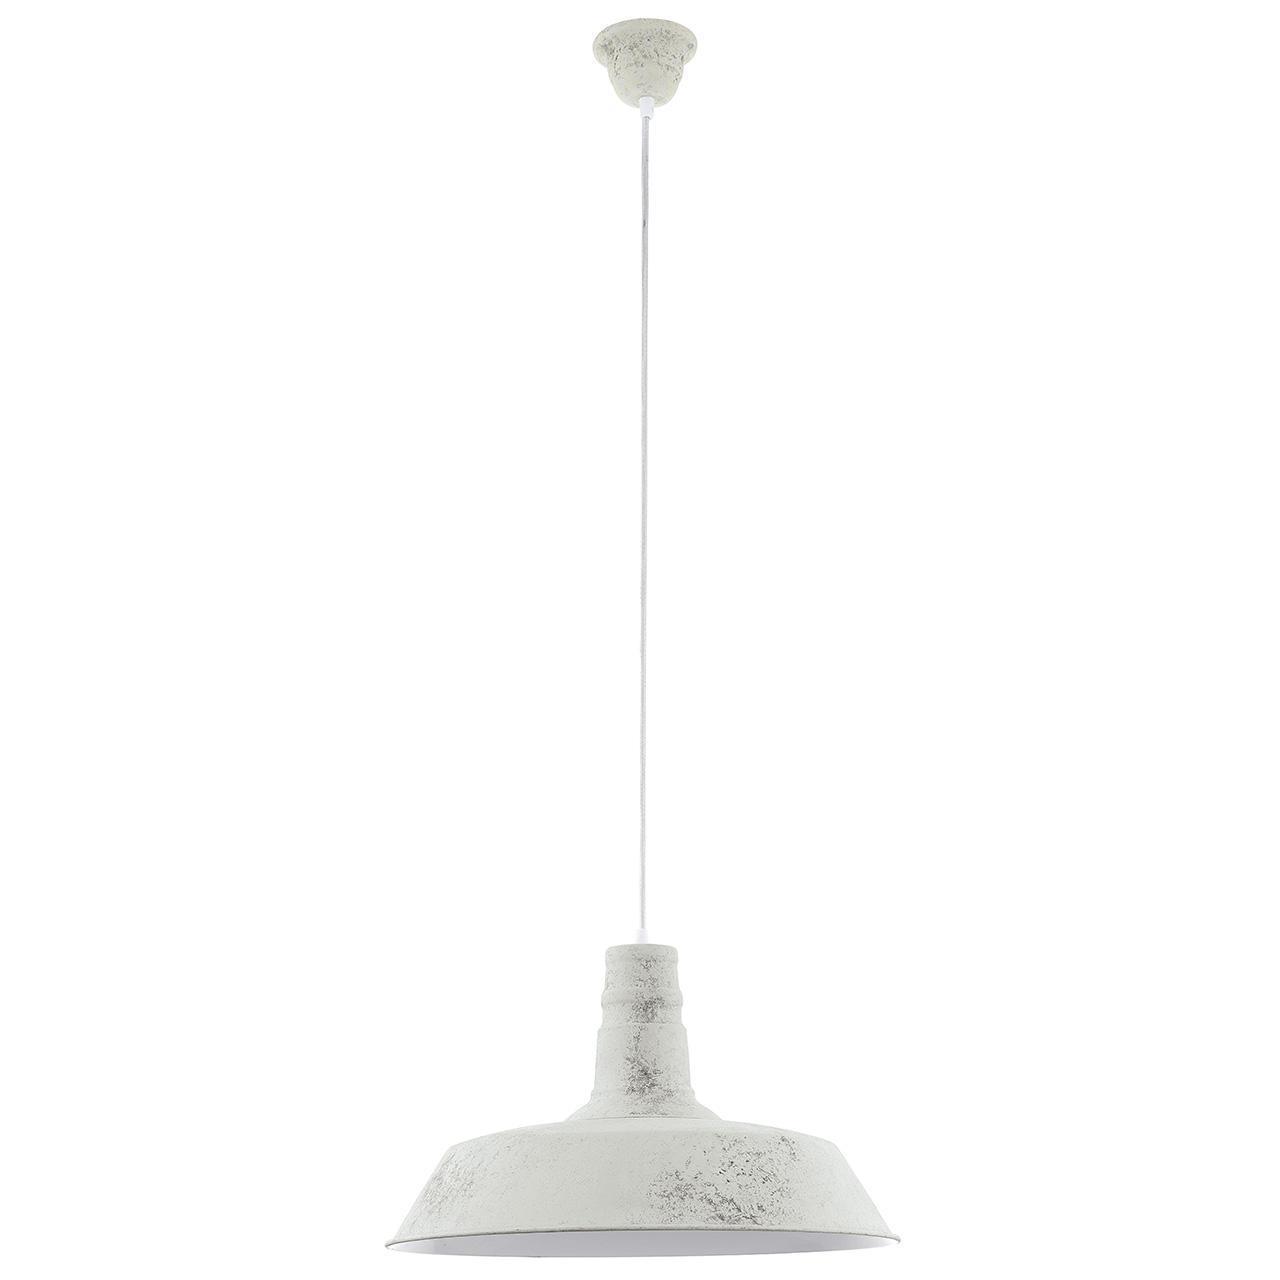 Подвесной светильник Eglo Somerton 1 49398 подвесной светильник eglo somerton 49388